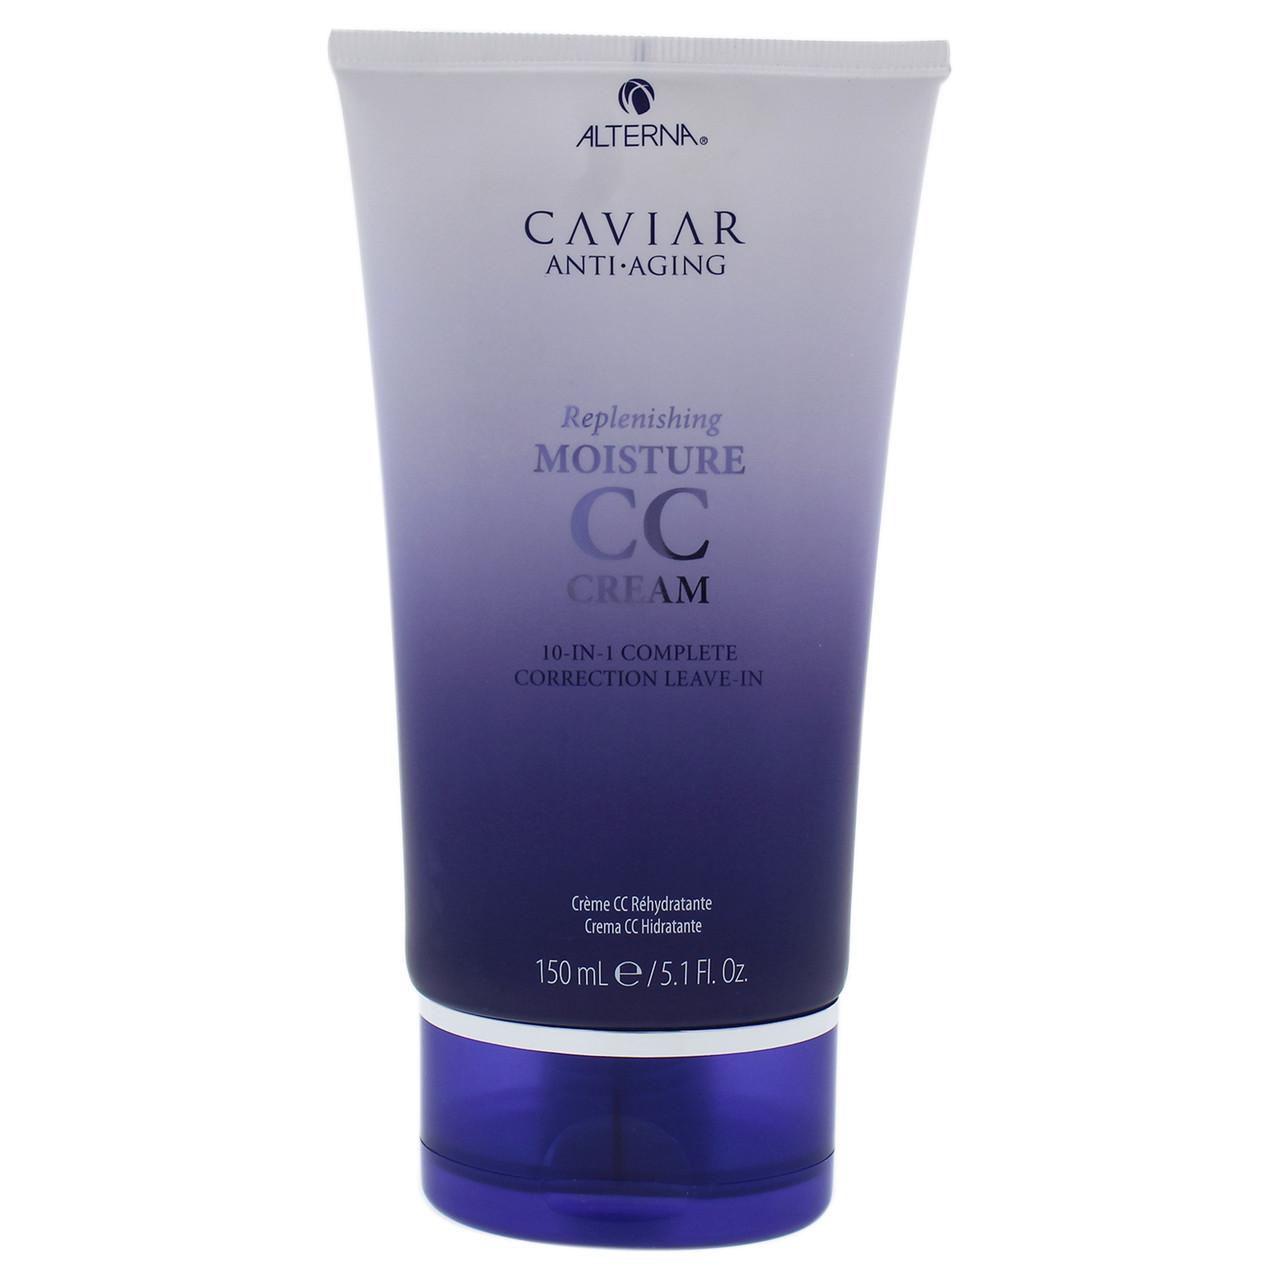 Alterna Caviar Moisture CC Hair Cream 5.1 oz